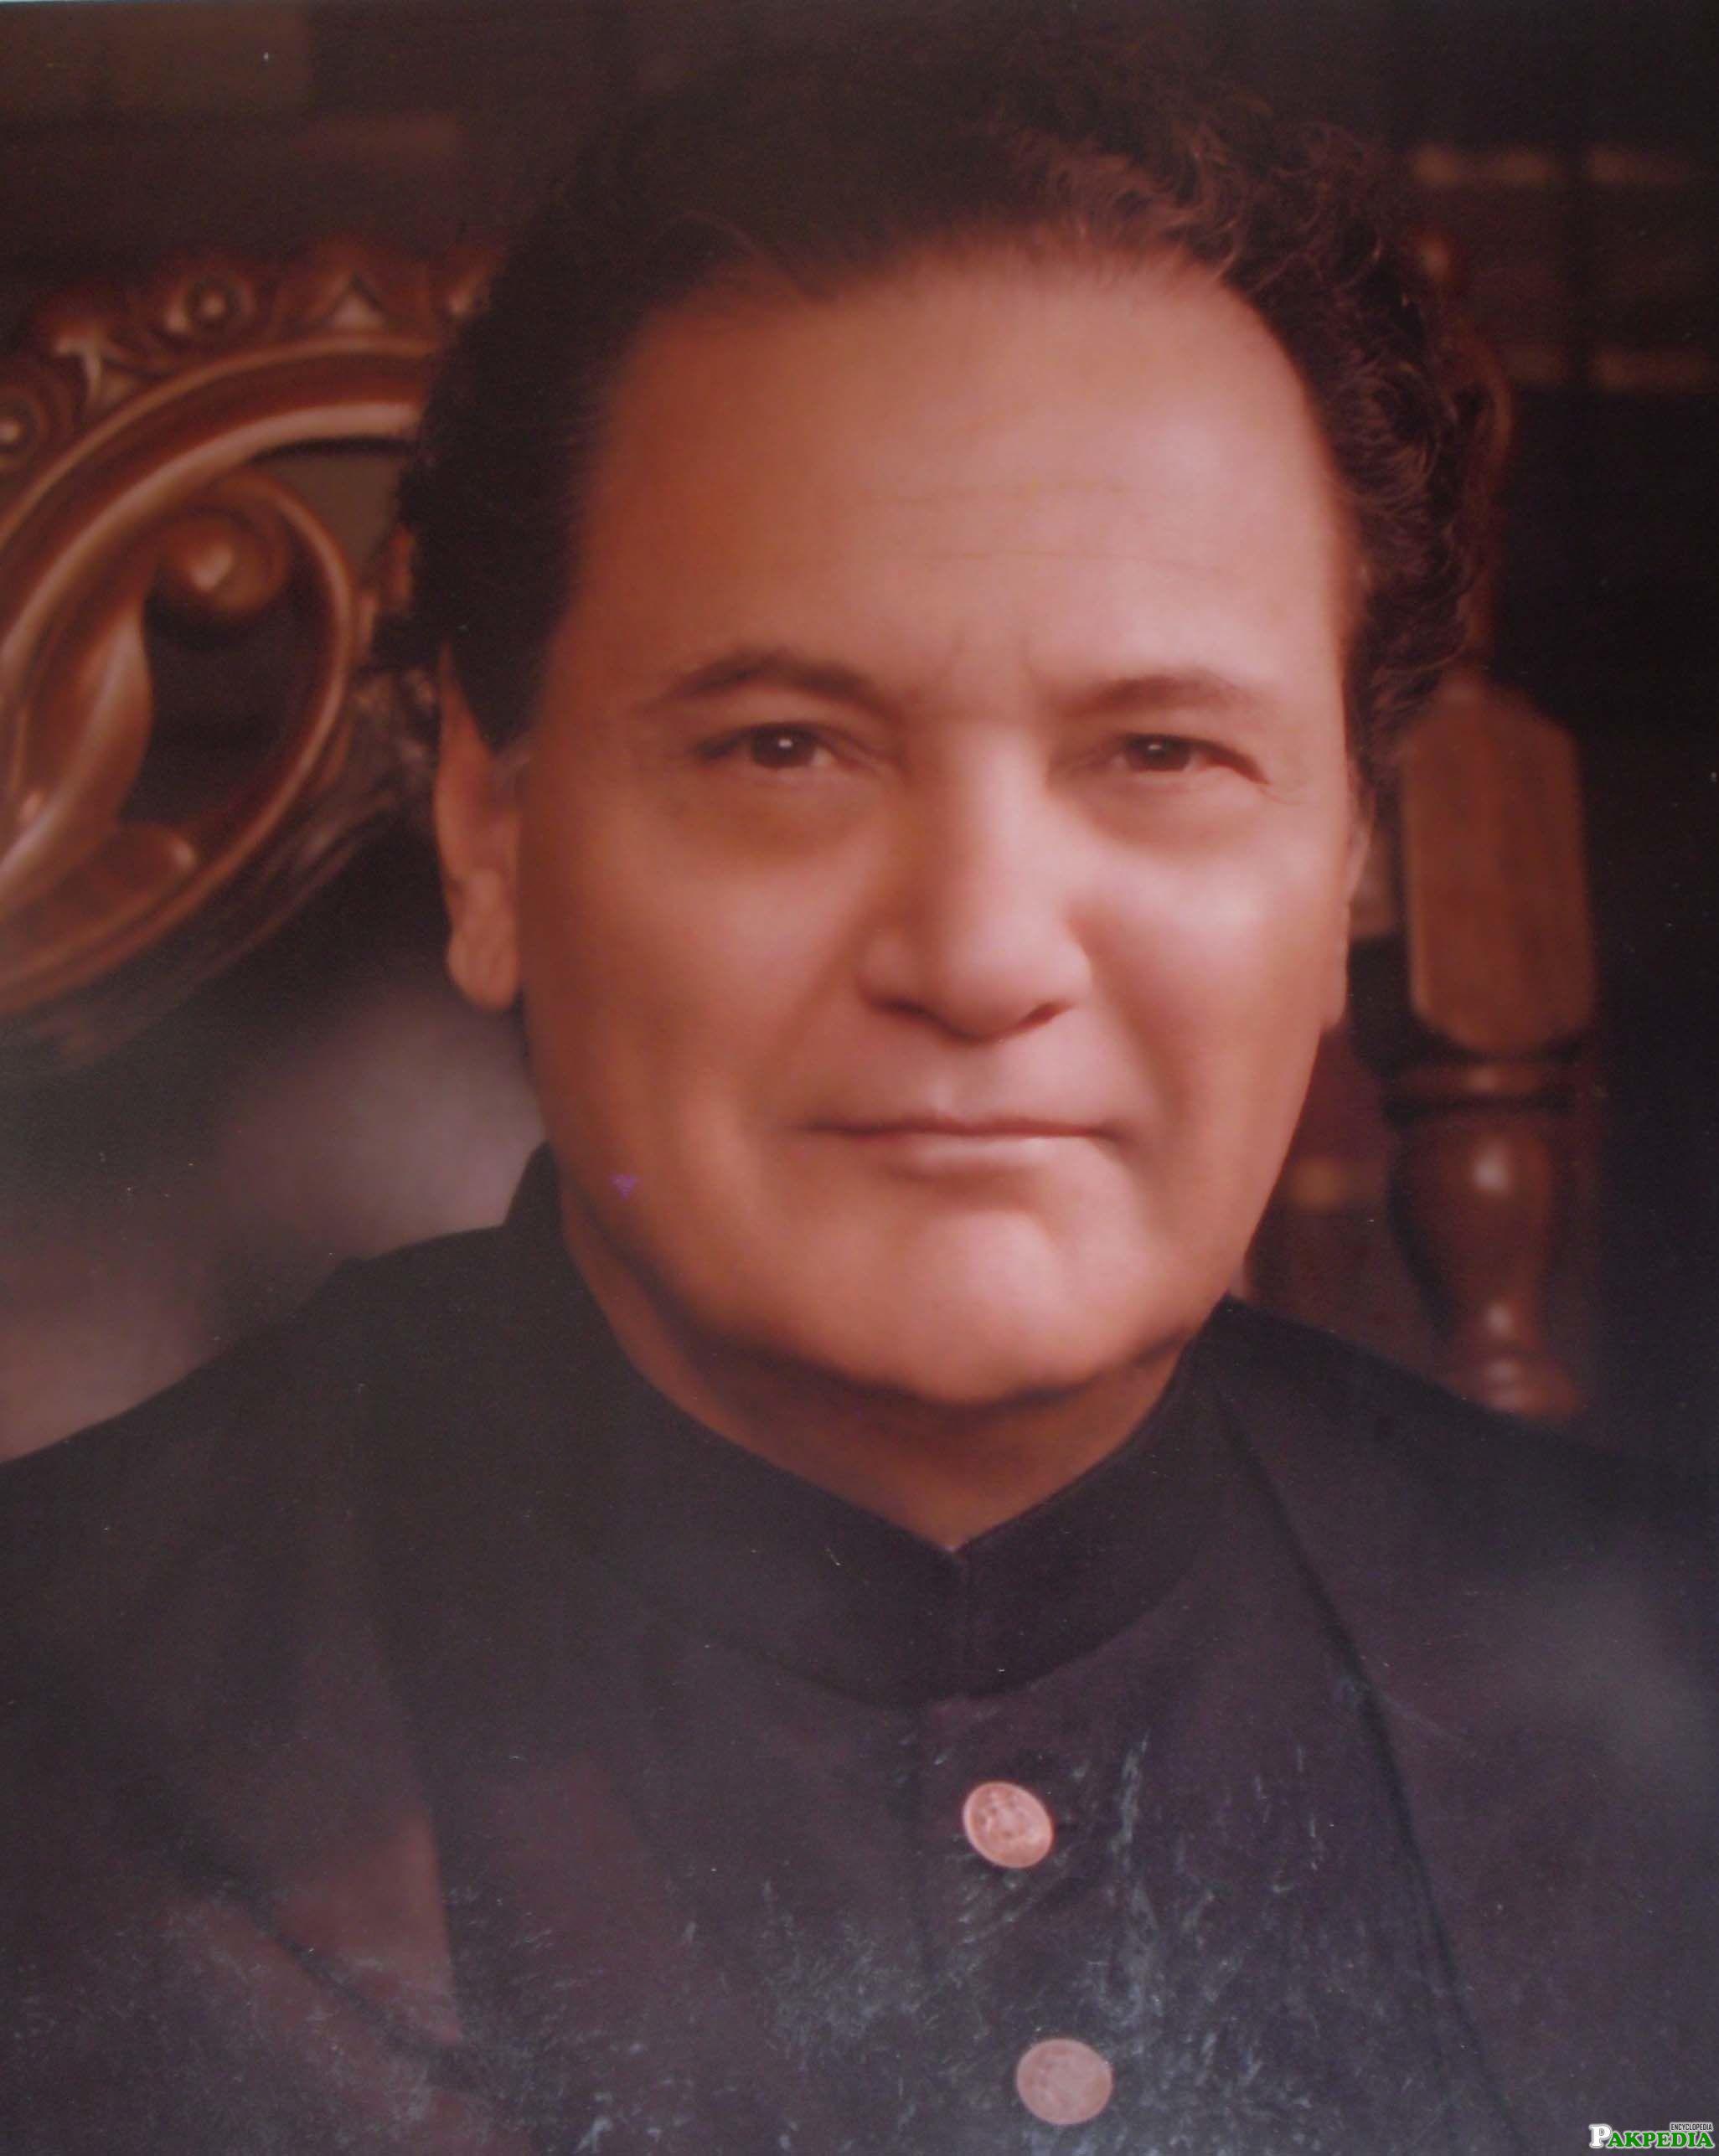 Javaid Iqbal